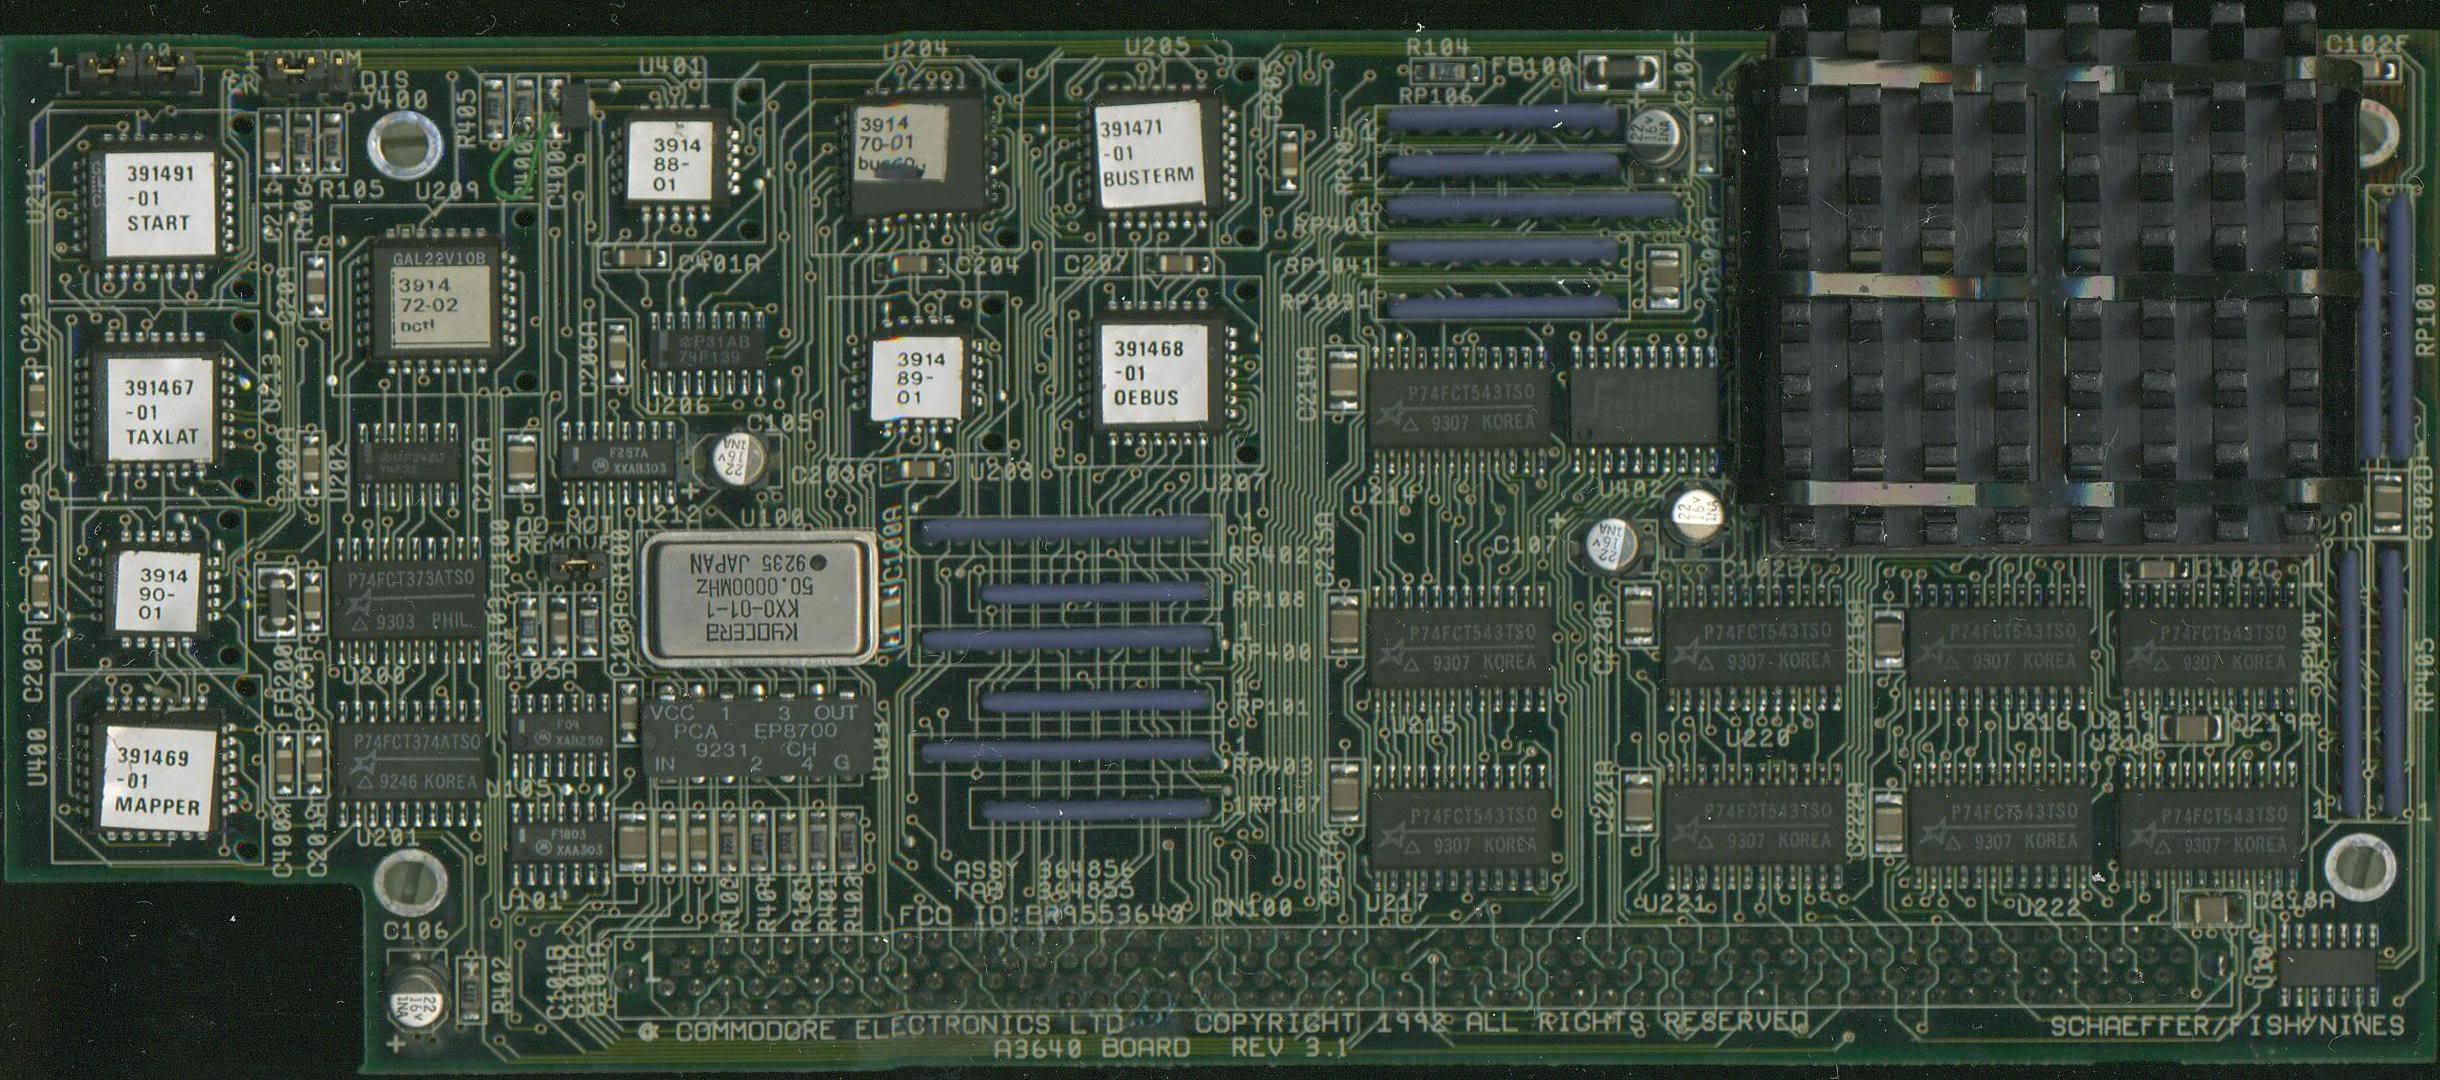 A3640 (Rev 3.1)